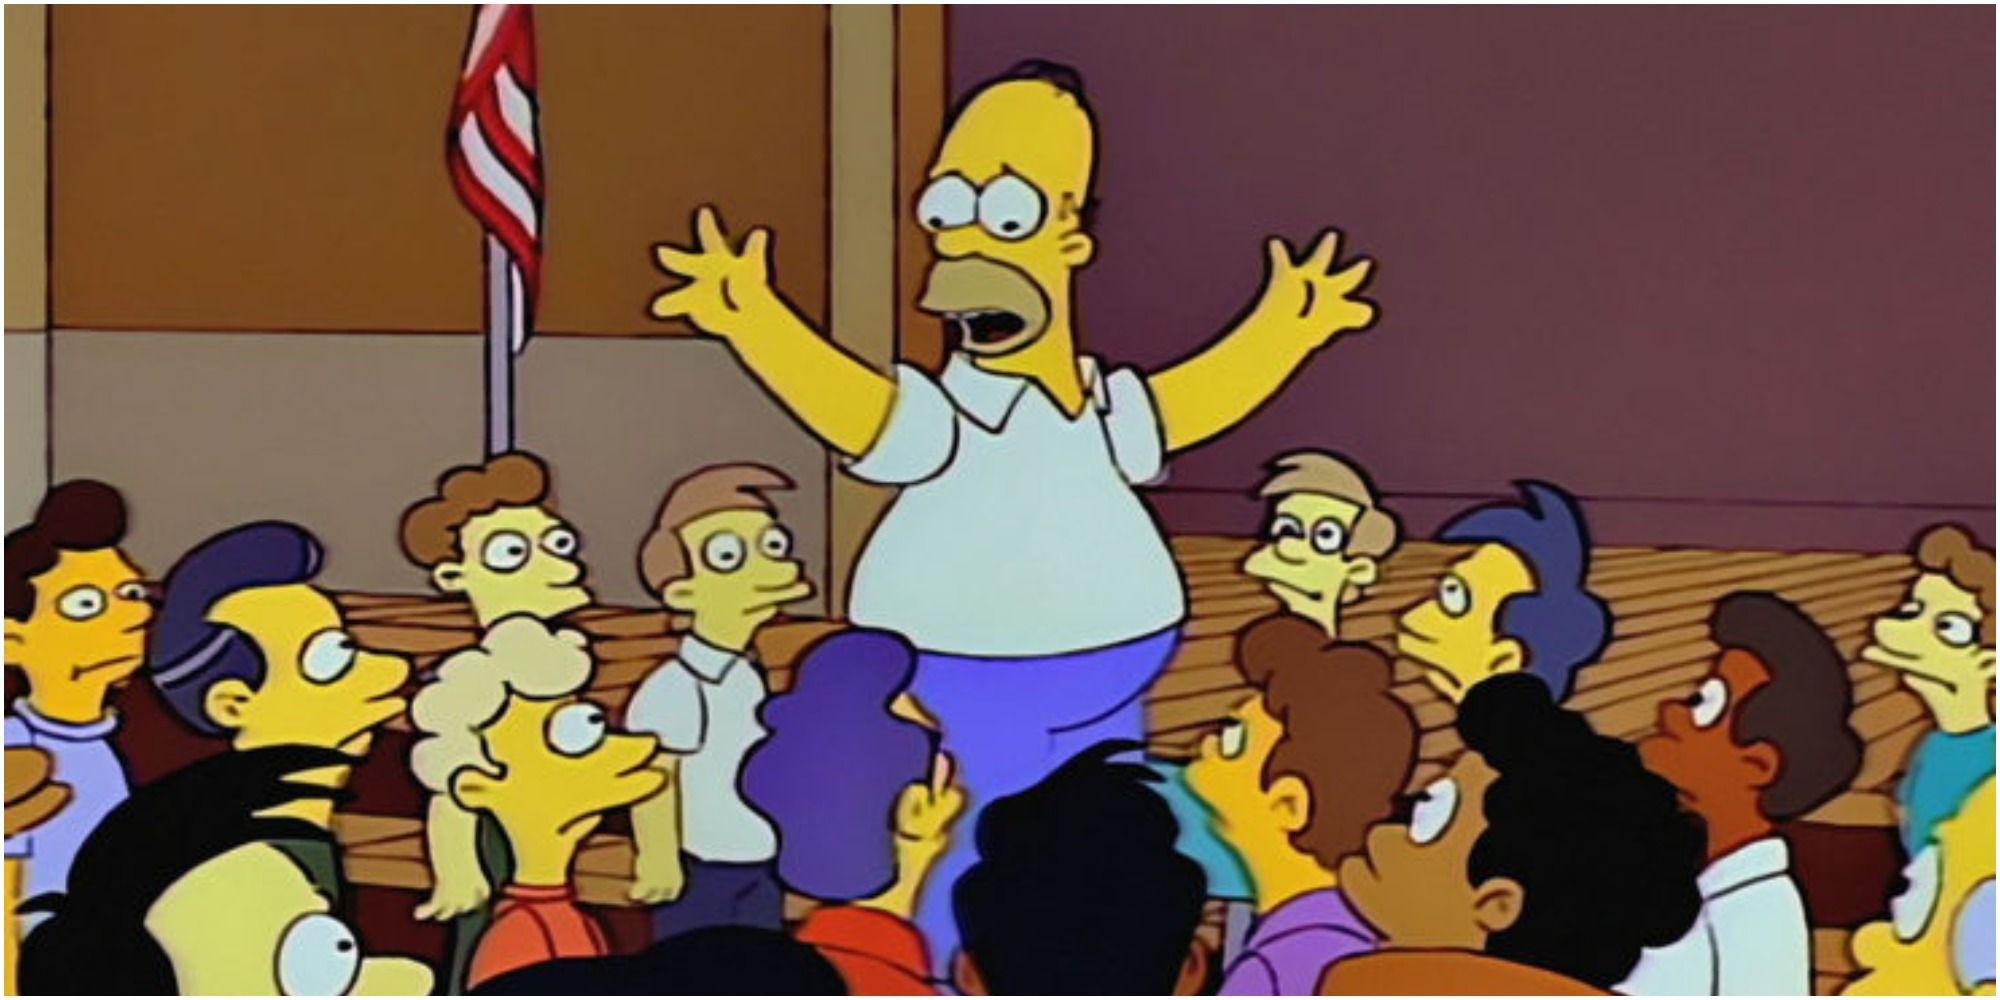 Os Simpsons: Os dez episódios mais engraçados de Homer classificados 10